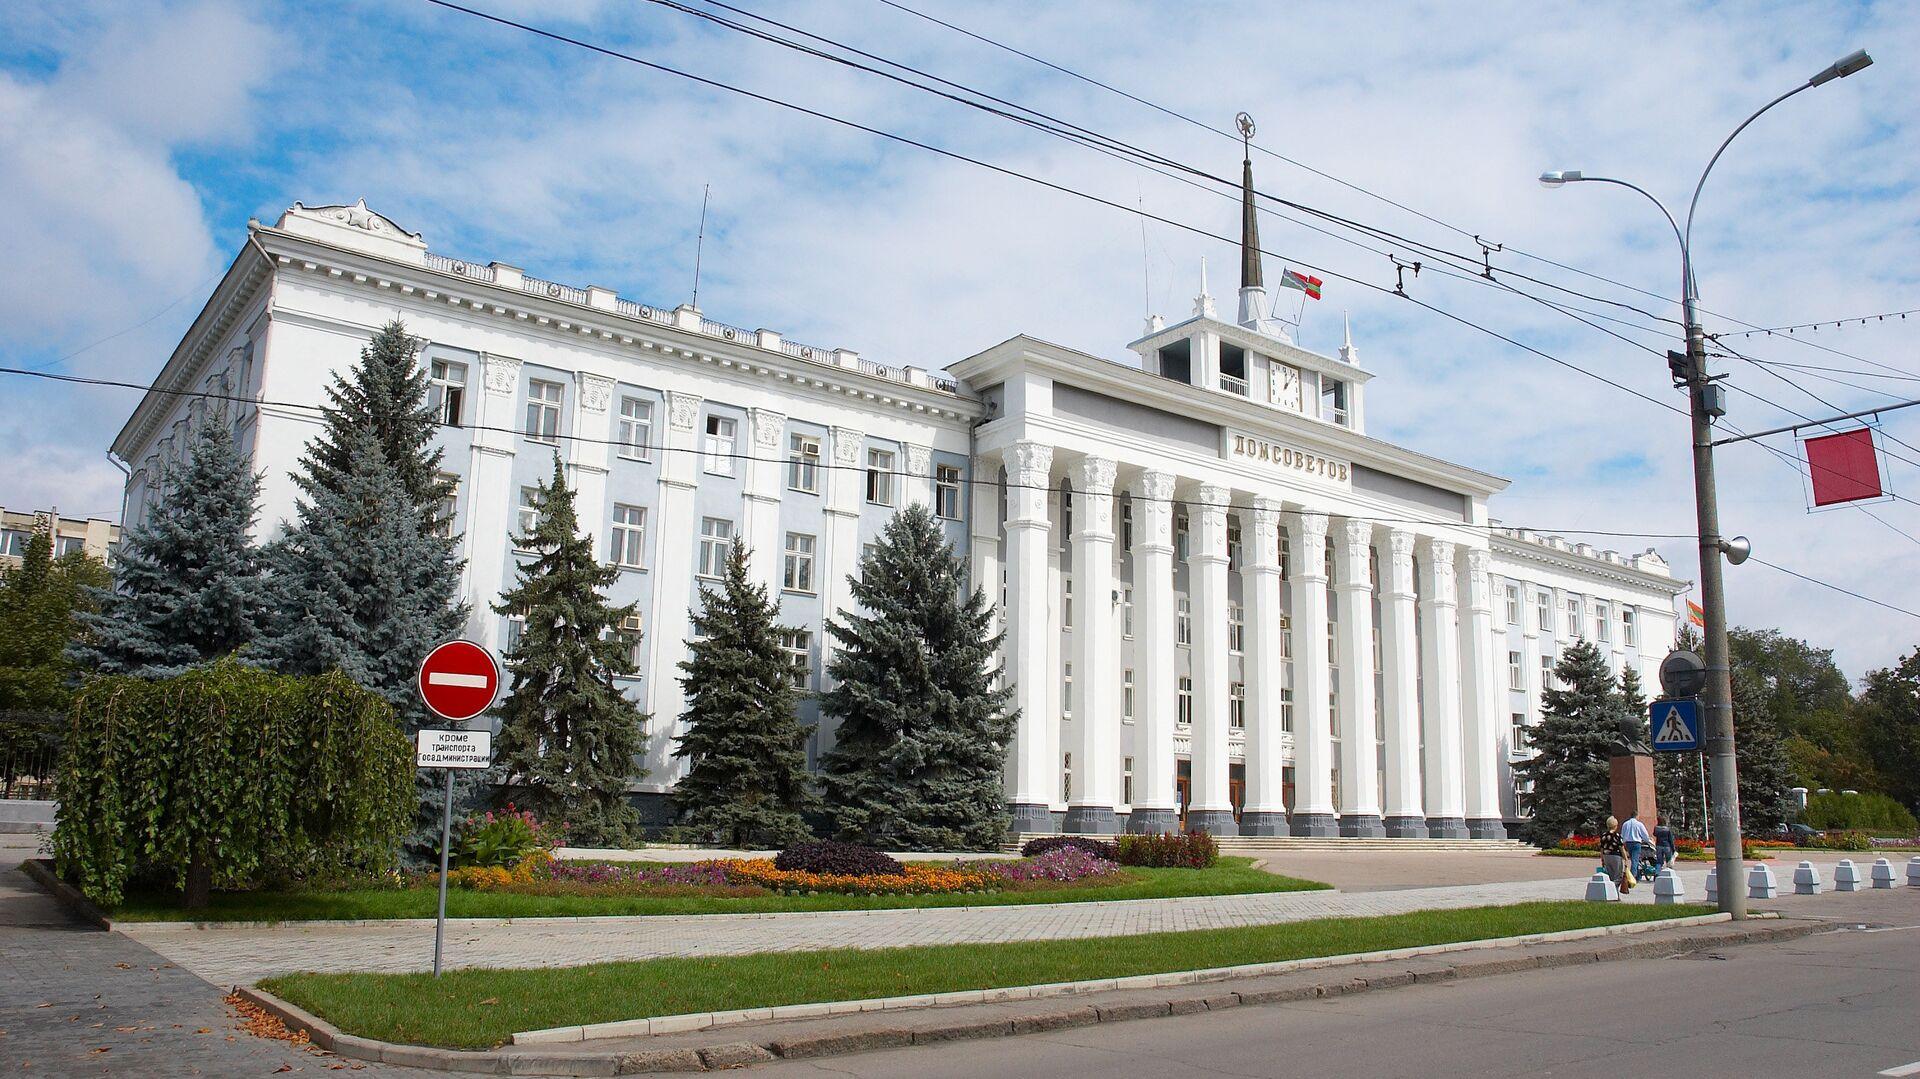 Дом Советов в Тирасполе - РИА Новости, 1920, 12.06.2021